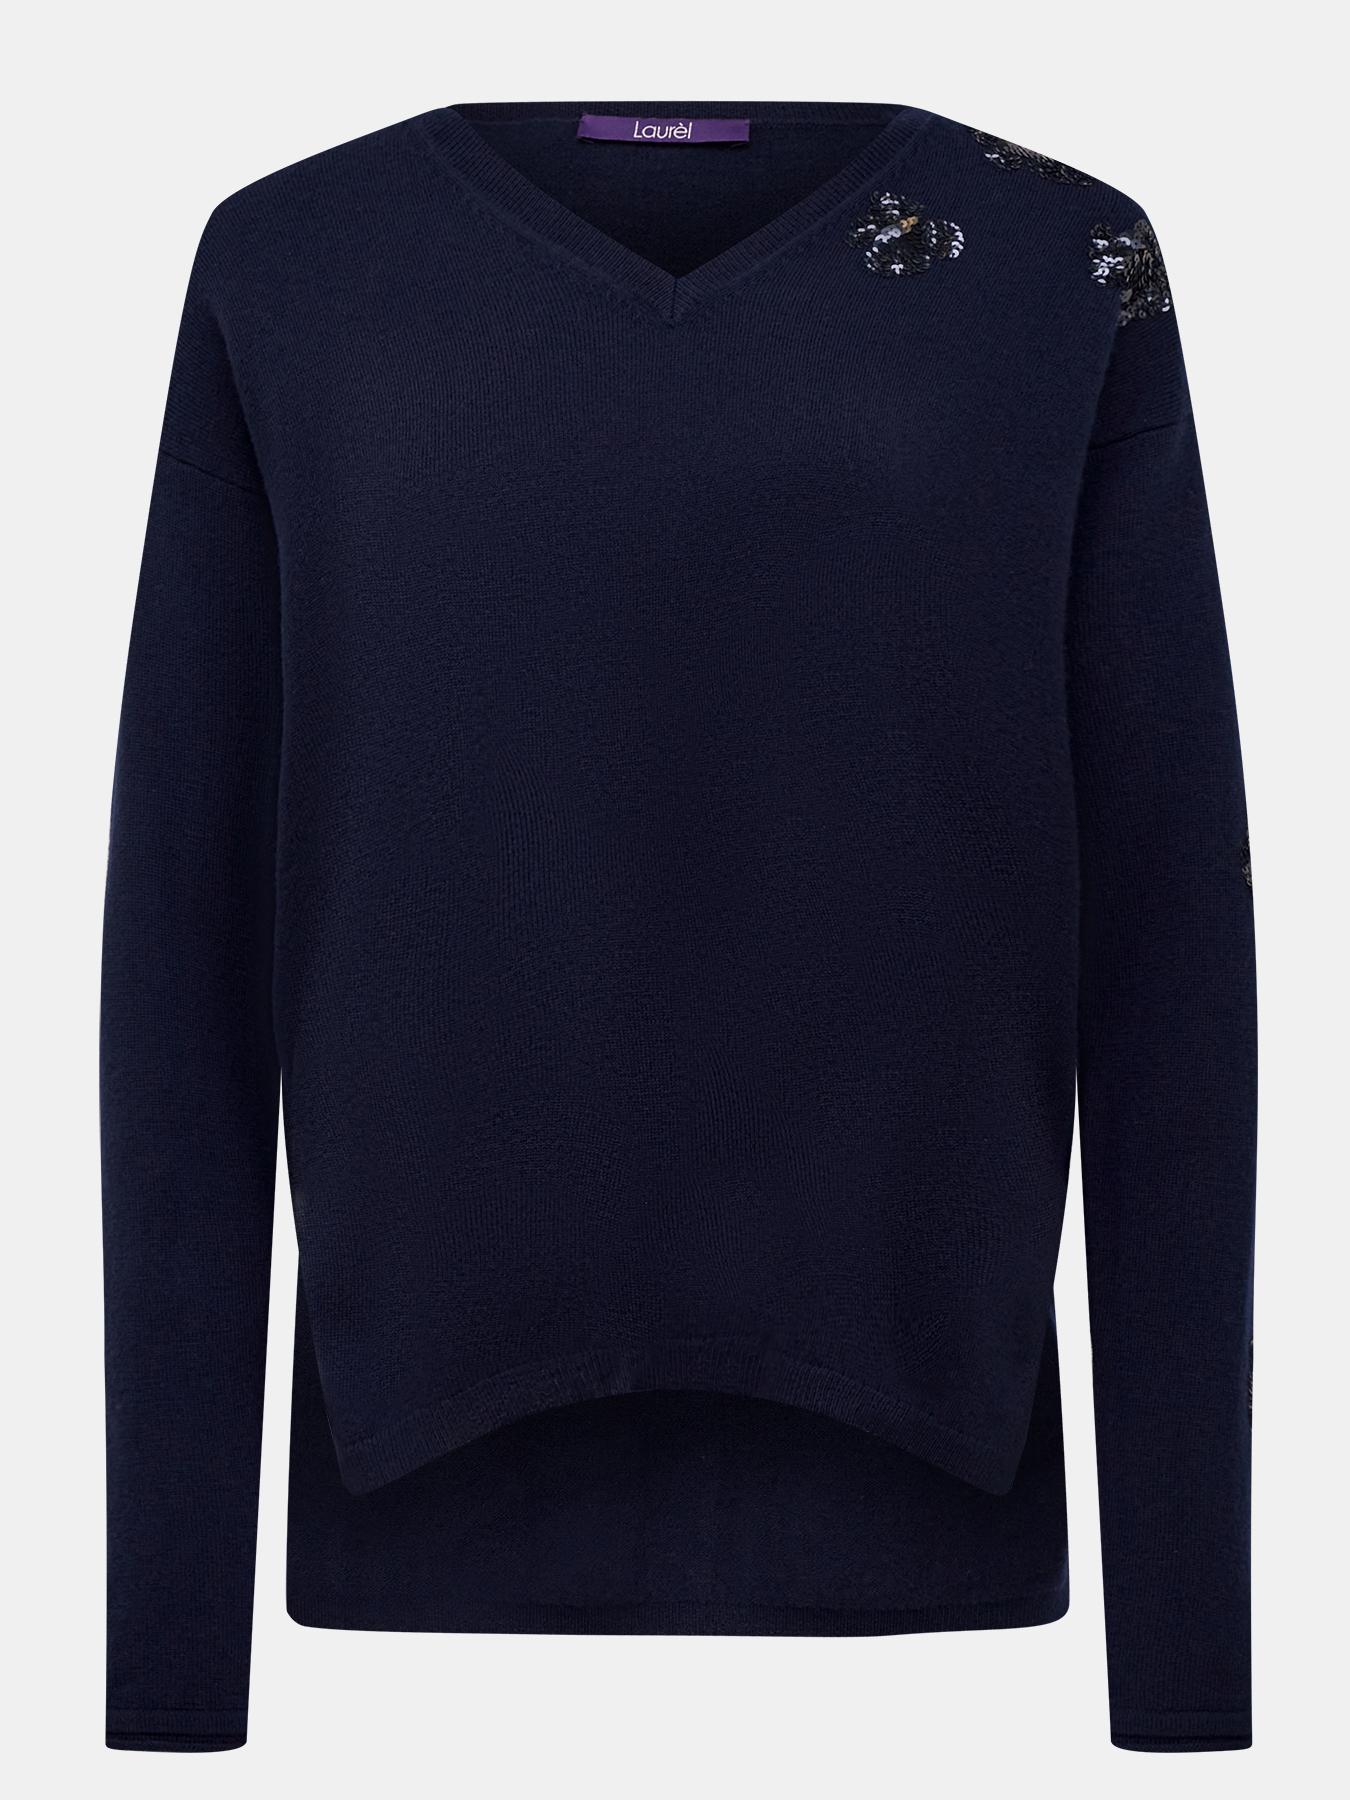 Пуловеры Laurel Пуловер фото